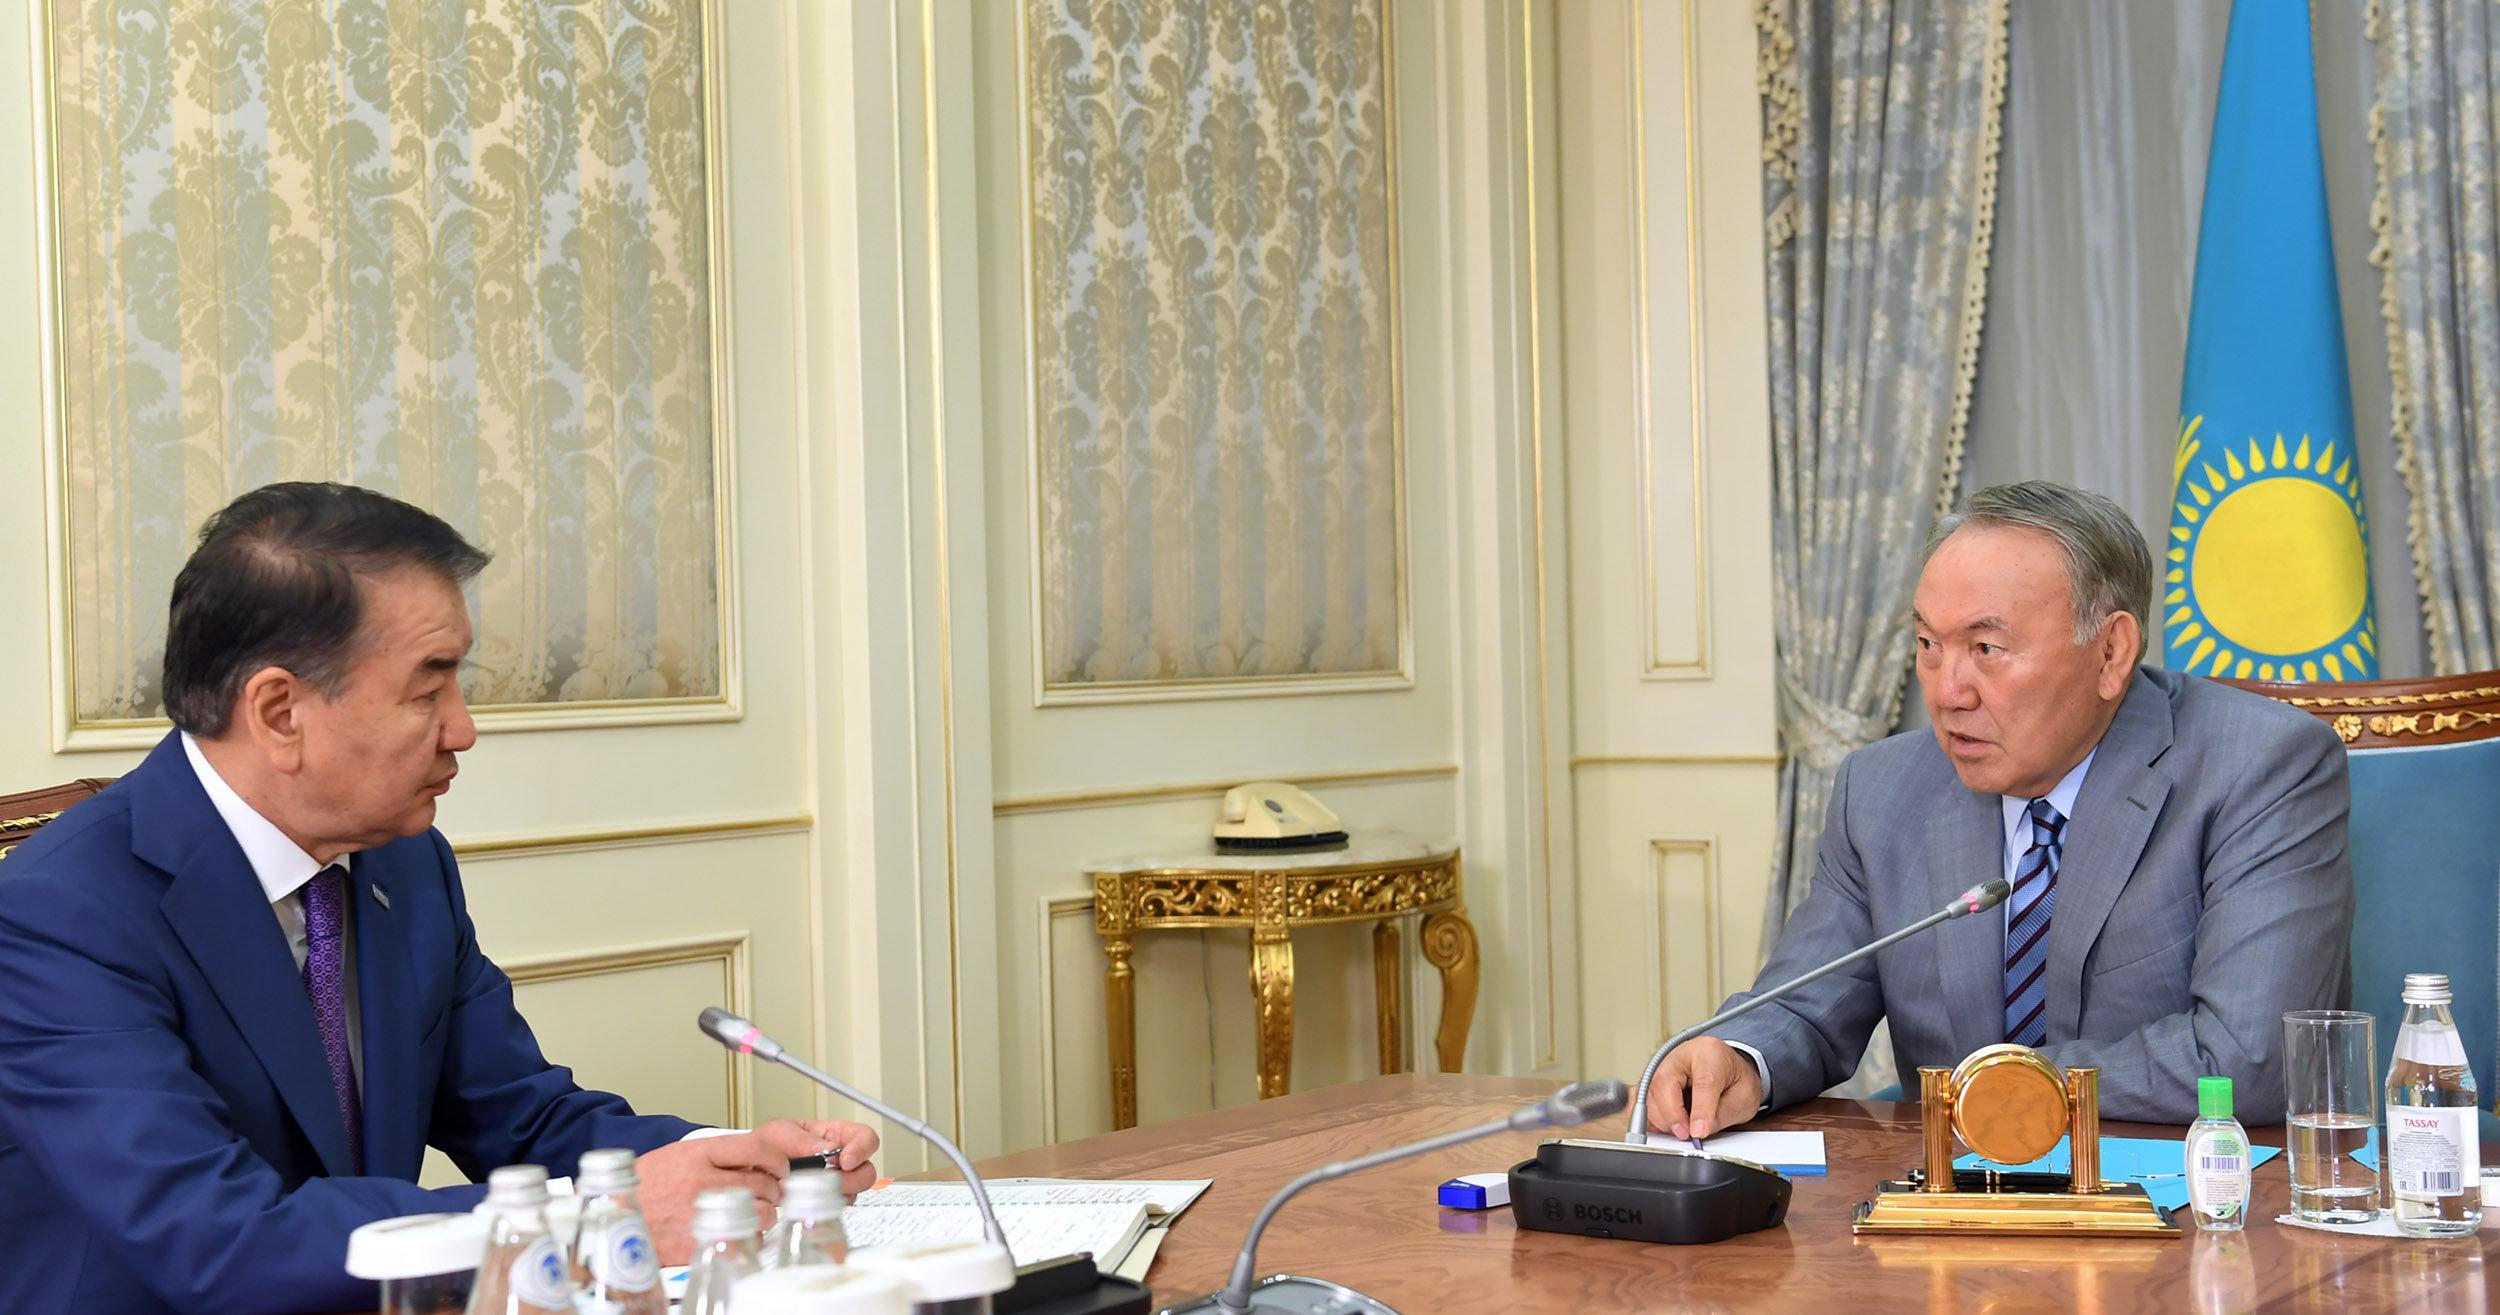 Нұрсұлтан Назарбаев Жоғарғы сот төрағасы Қайрат Мәмимен кездесті